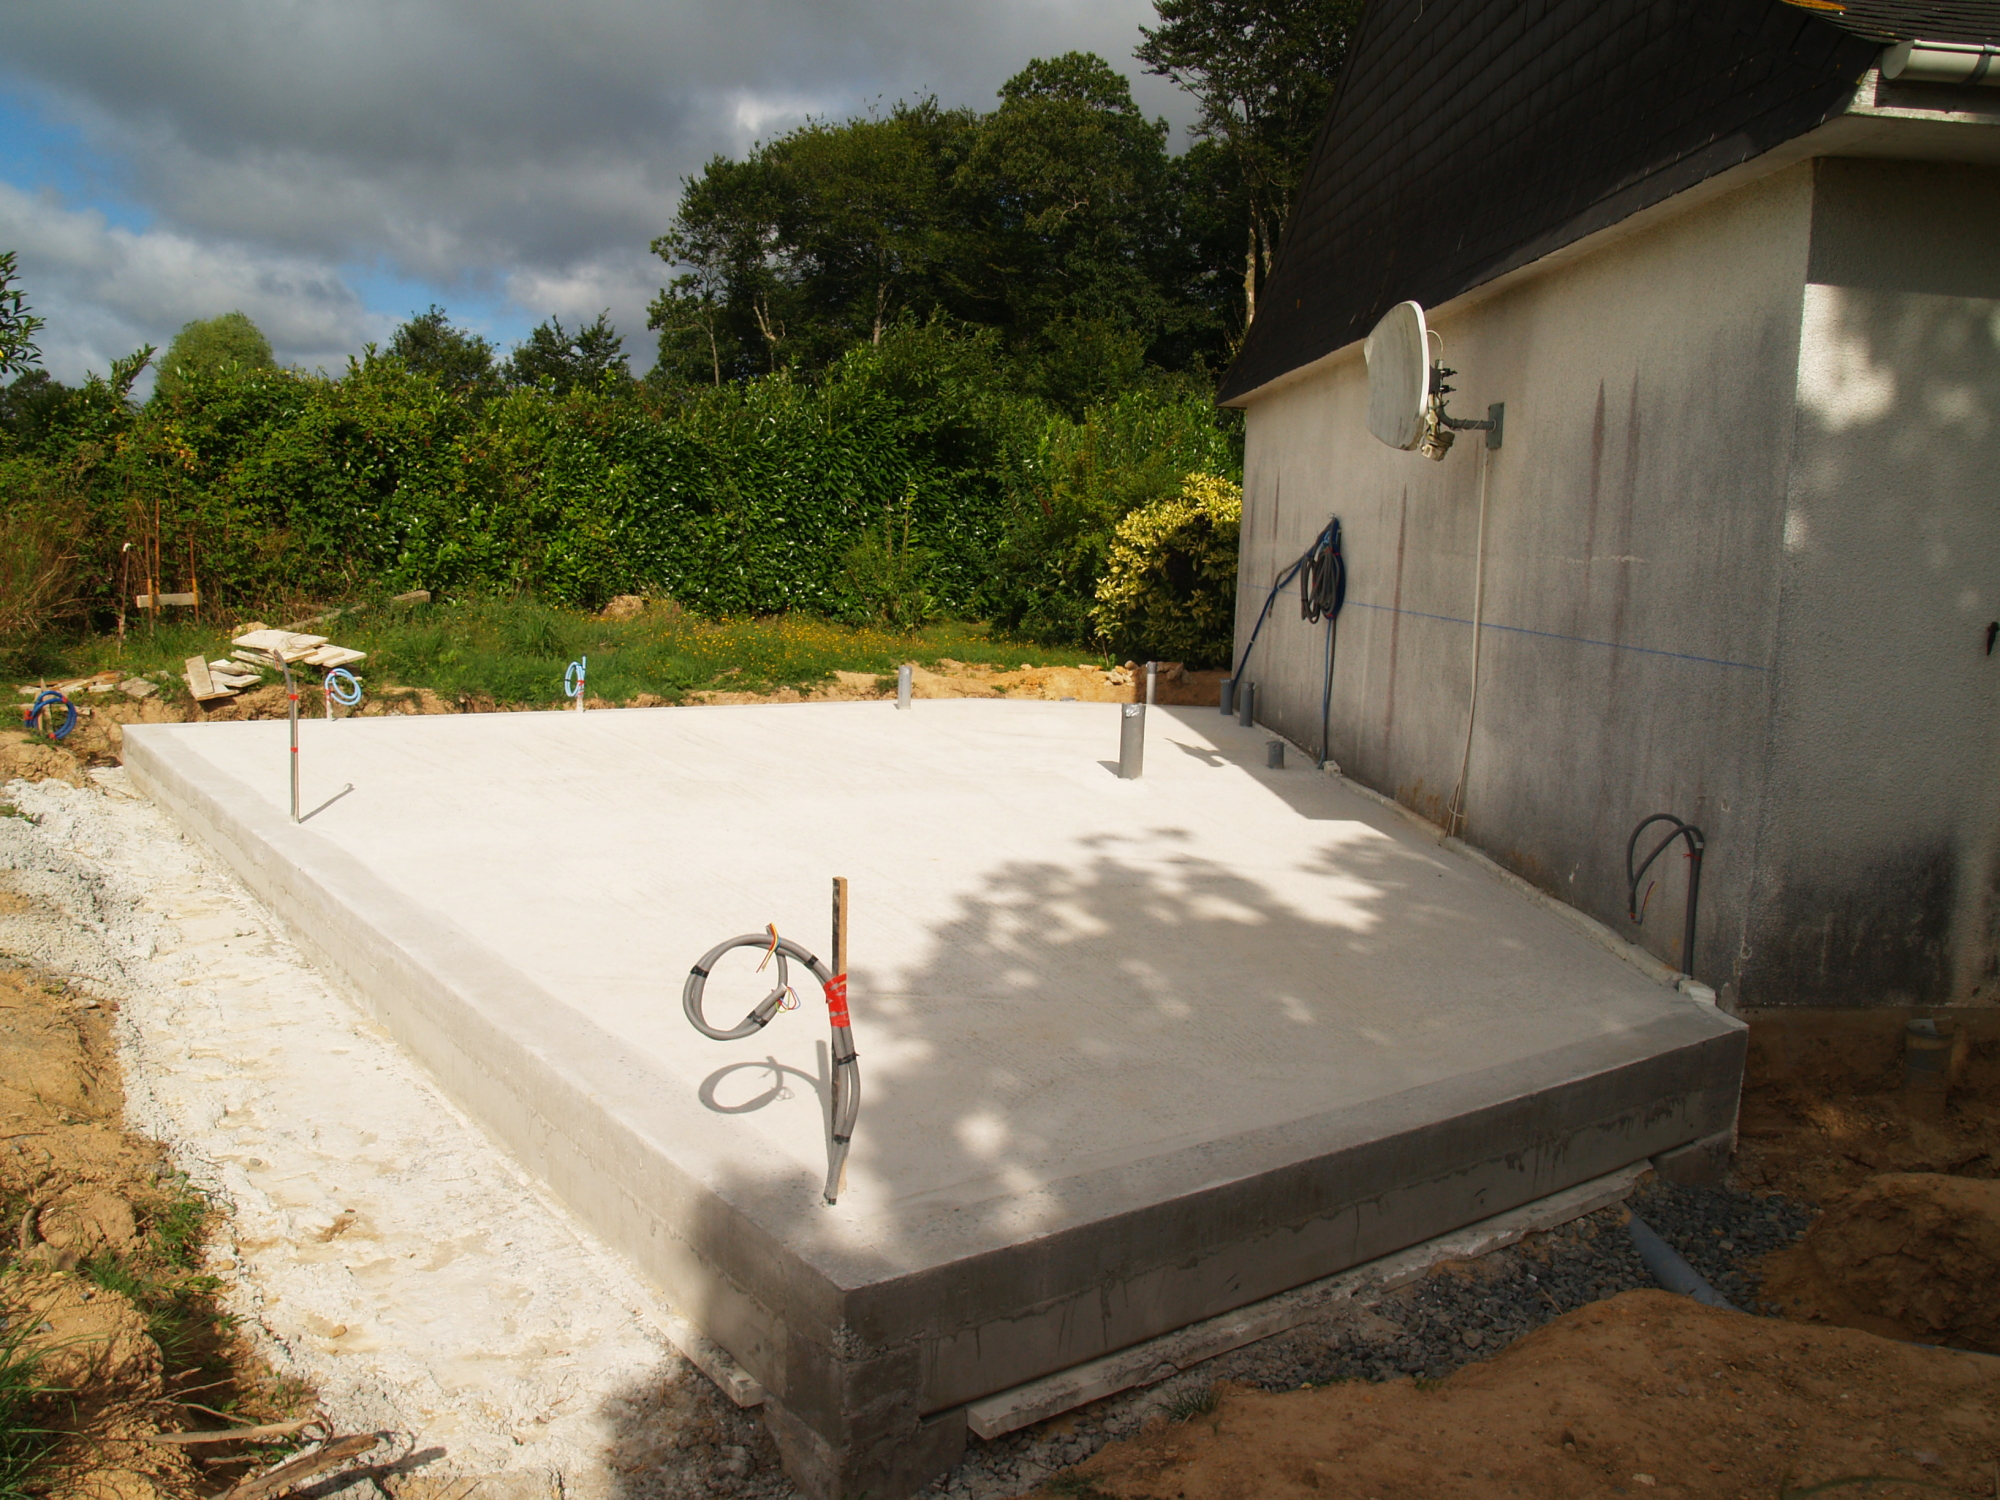 Extension et renovation thermique - chantier - dalle